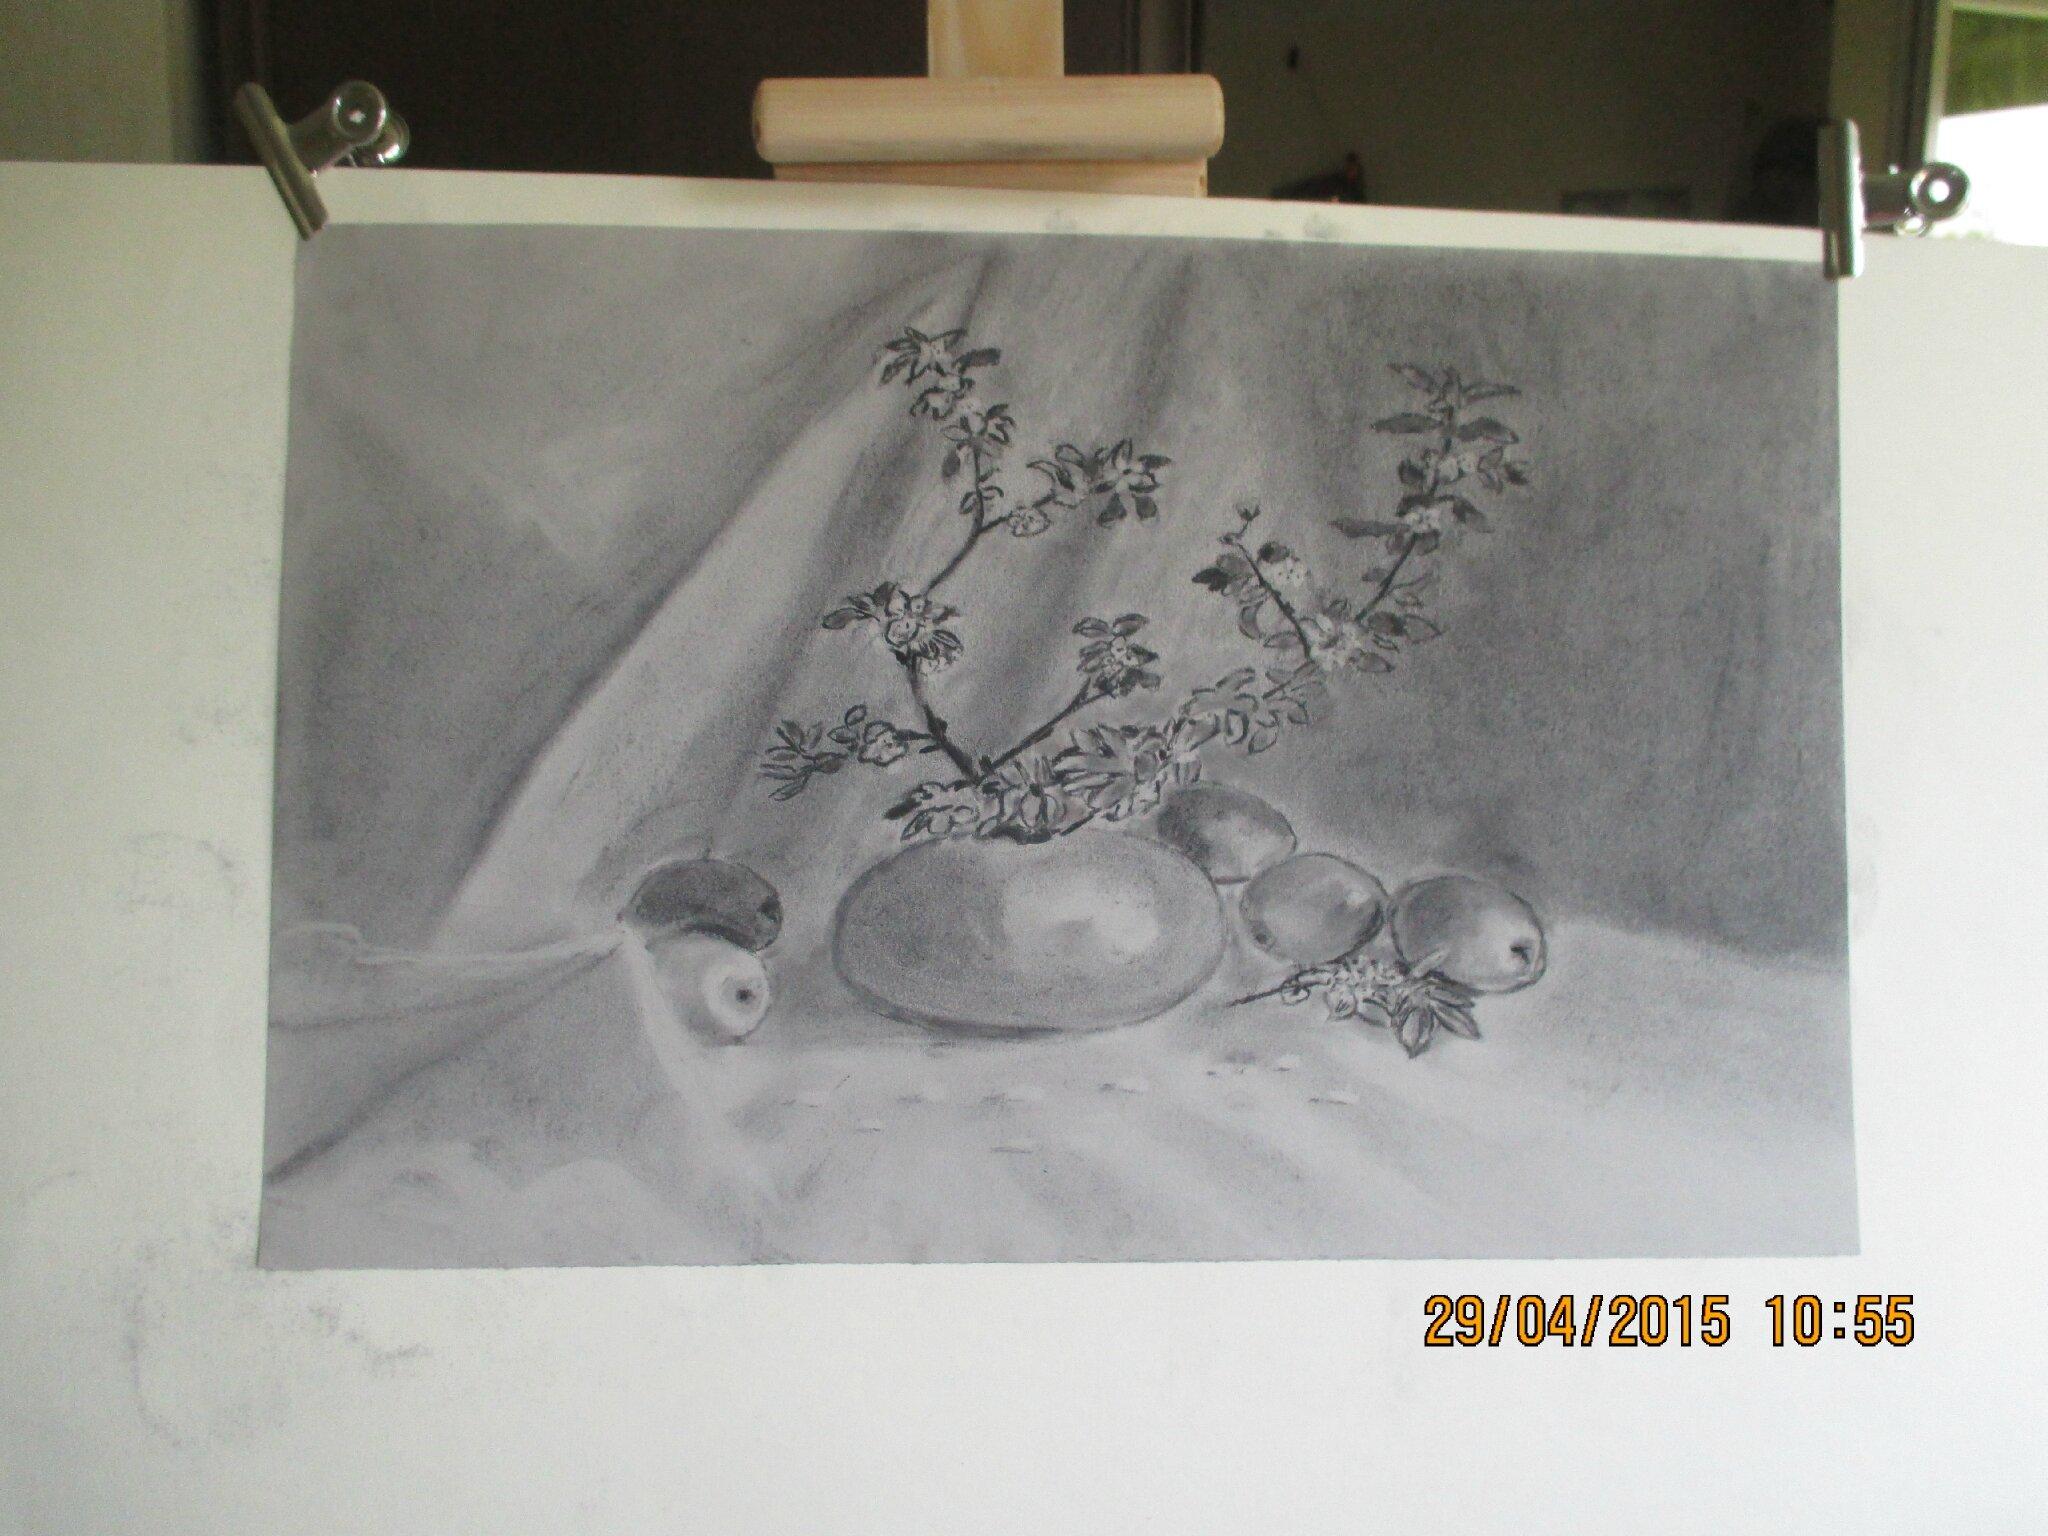 je finis par une touche poétique,voici mon dernier dessin,beaucoup tristounet hein les filles;grosses bises à toutes♥